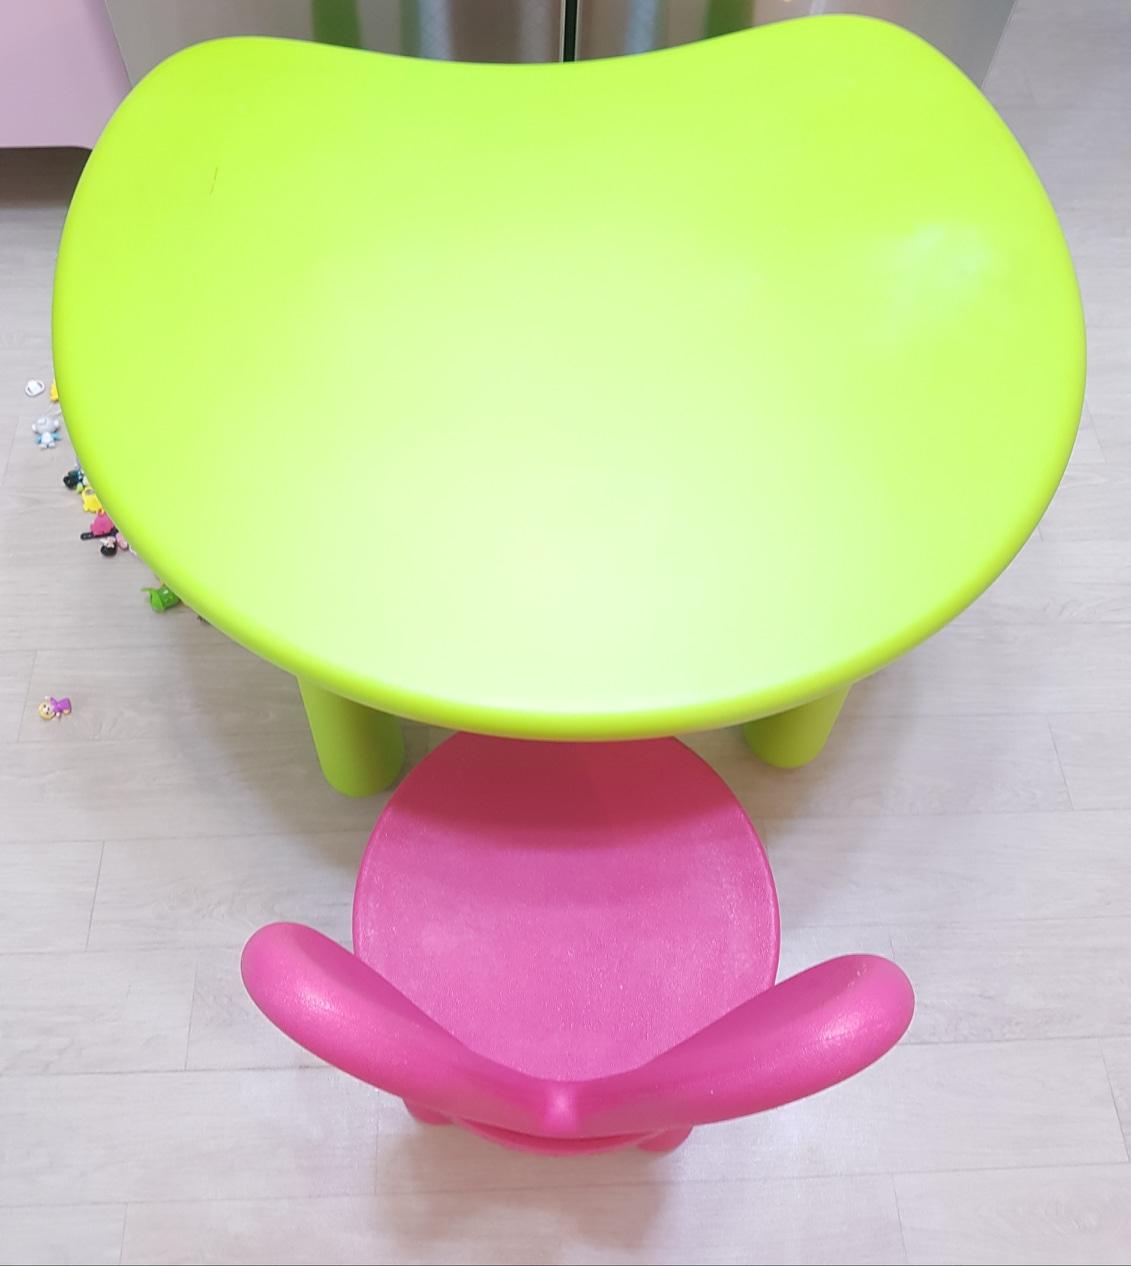 한샘.아기책상.유아책상 의자1개ㆍ직거래.20000